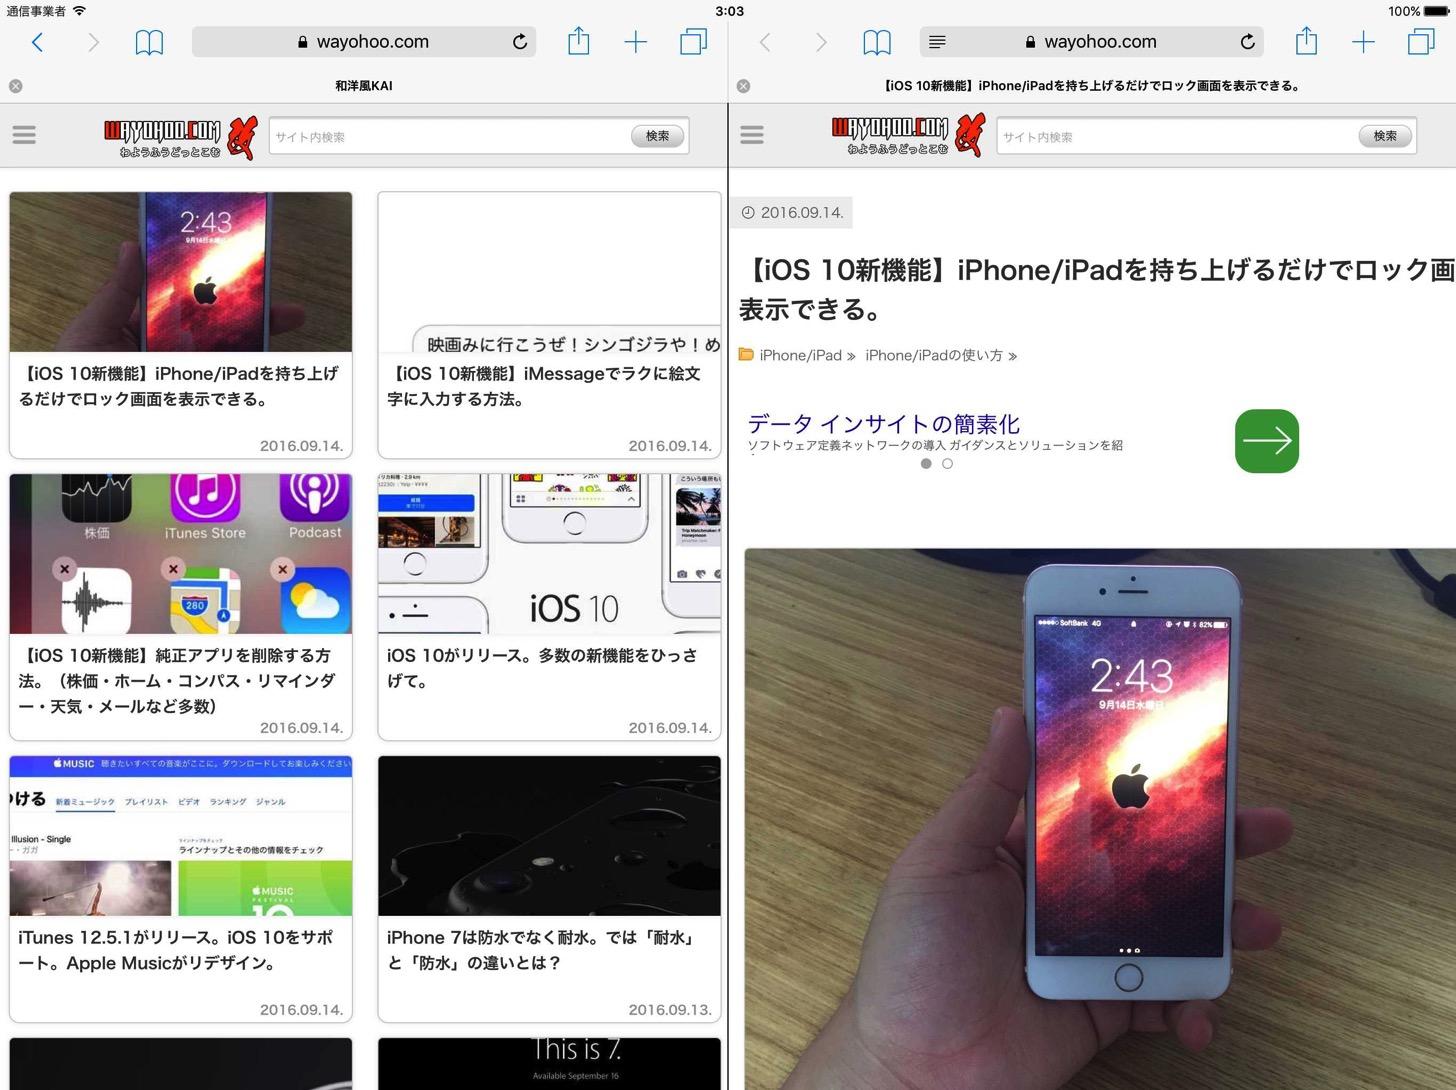 SafariをSplit Viewによって2個同時に表示できました。